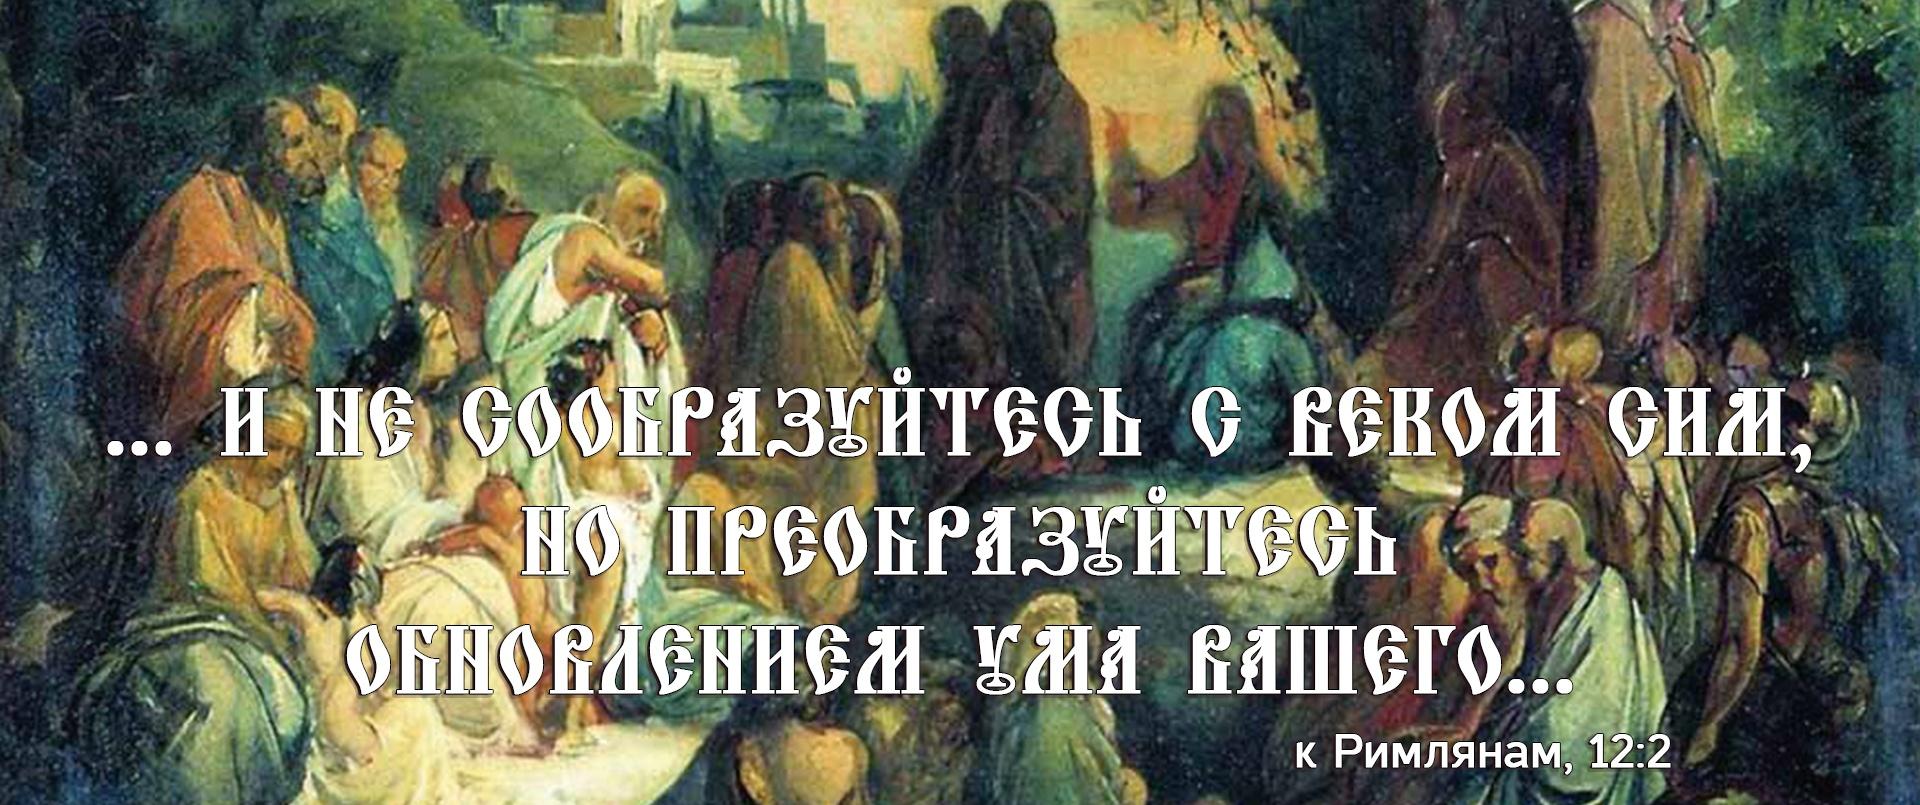 библия цитаты, цитаты из библии, библейские уроки, библия к римлянам